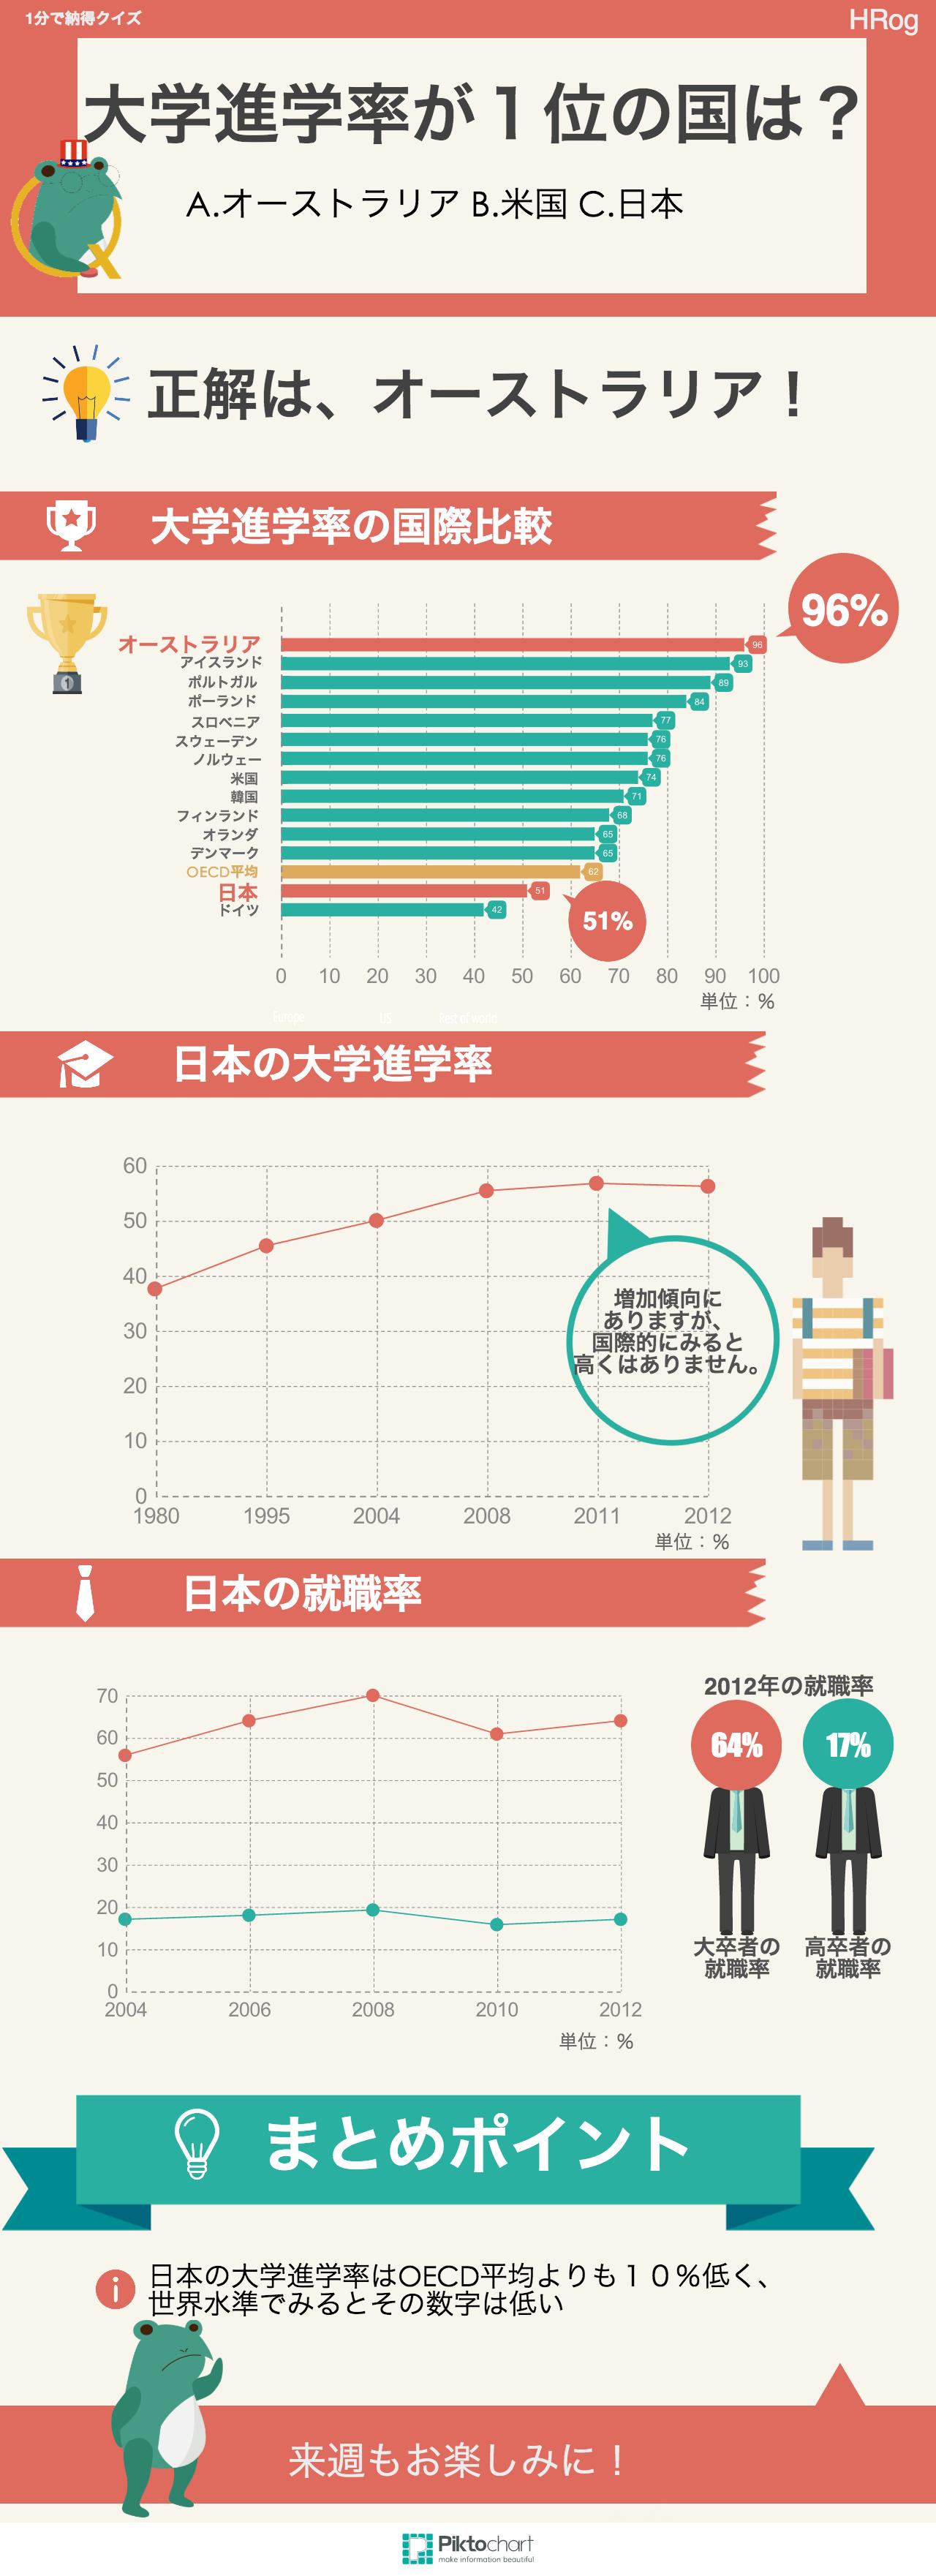 大学進学率が1位の国はどこ?